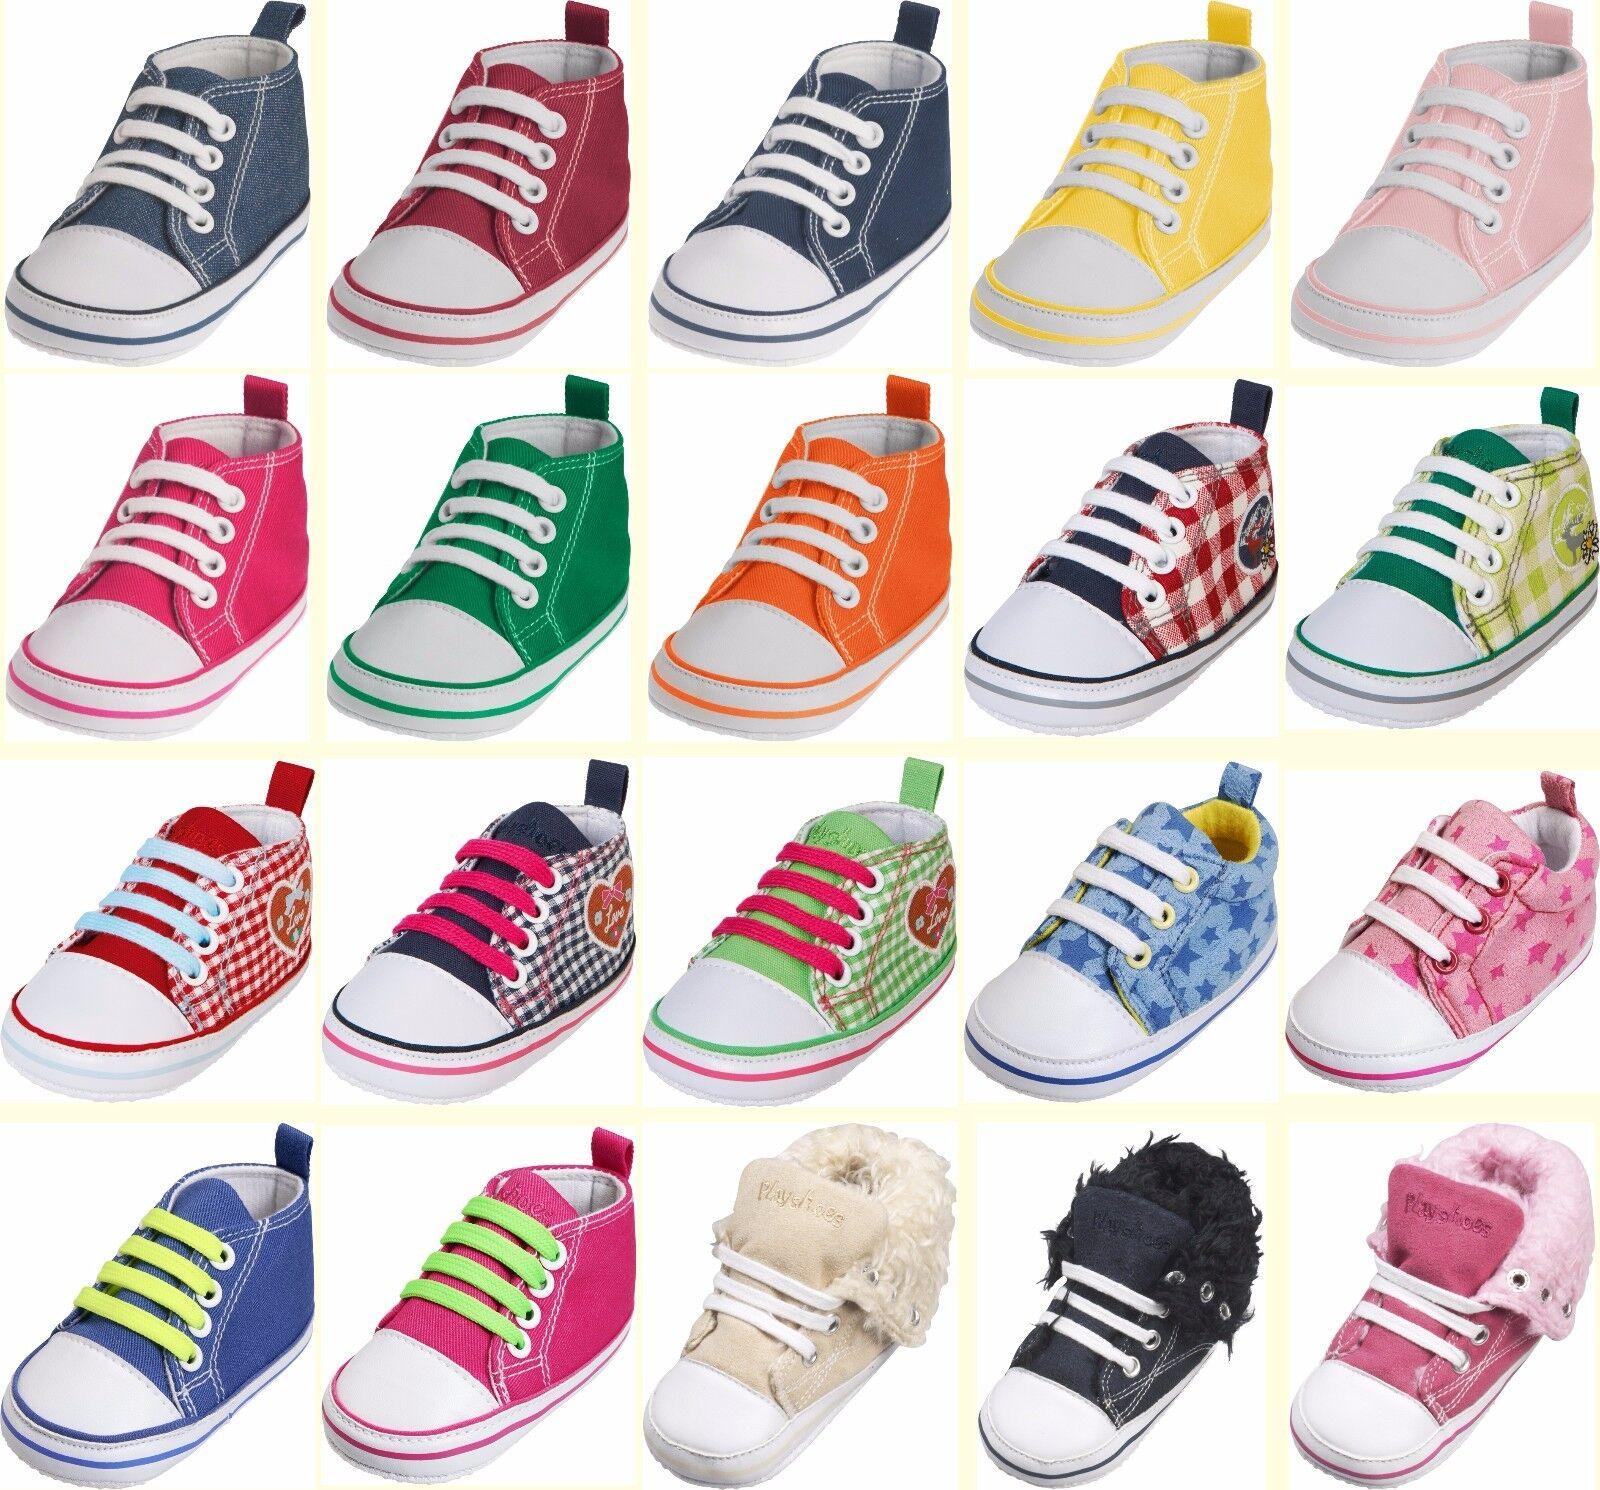 Playshoes Canvas Sneaker Turnschuhe Textil Baby Schuhe Mädchen Jungen Gr. 16 -20